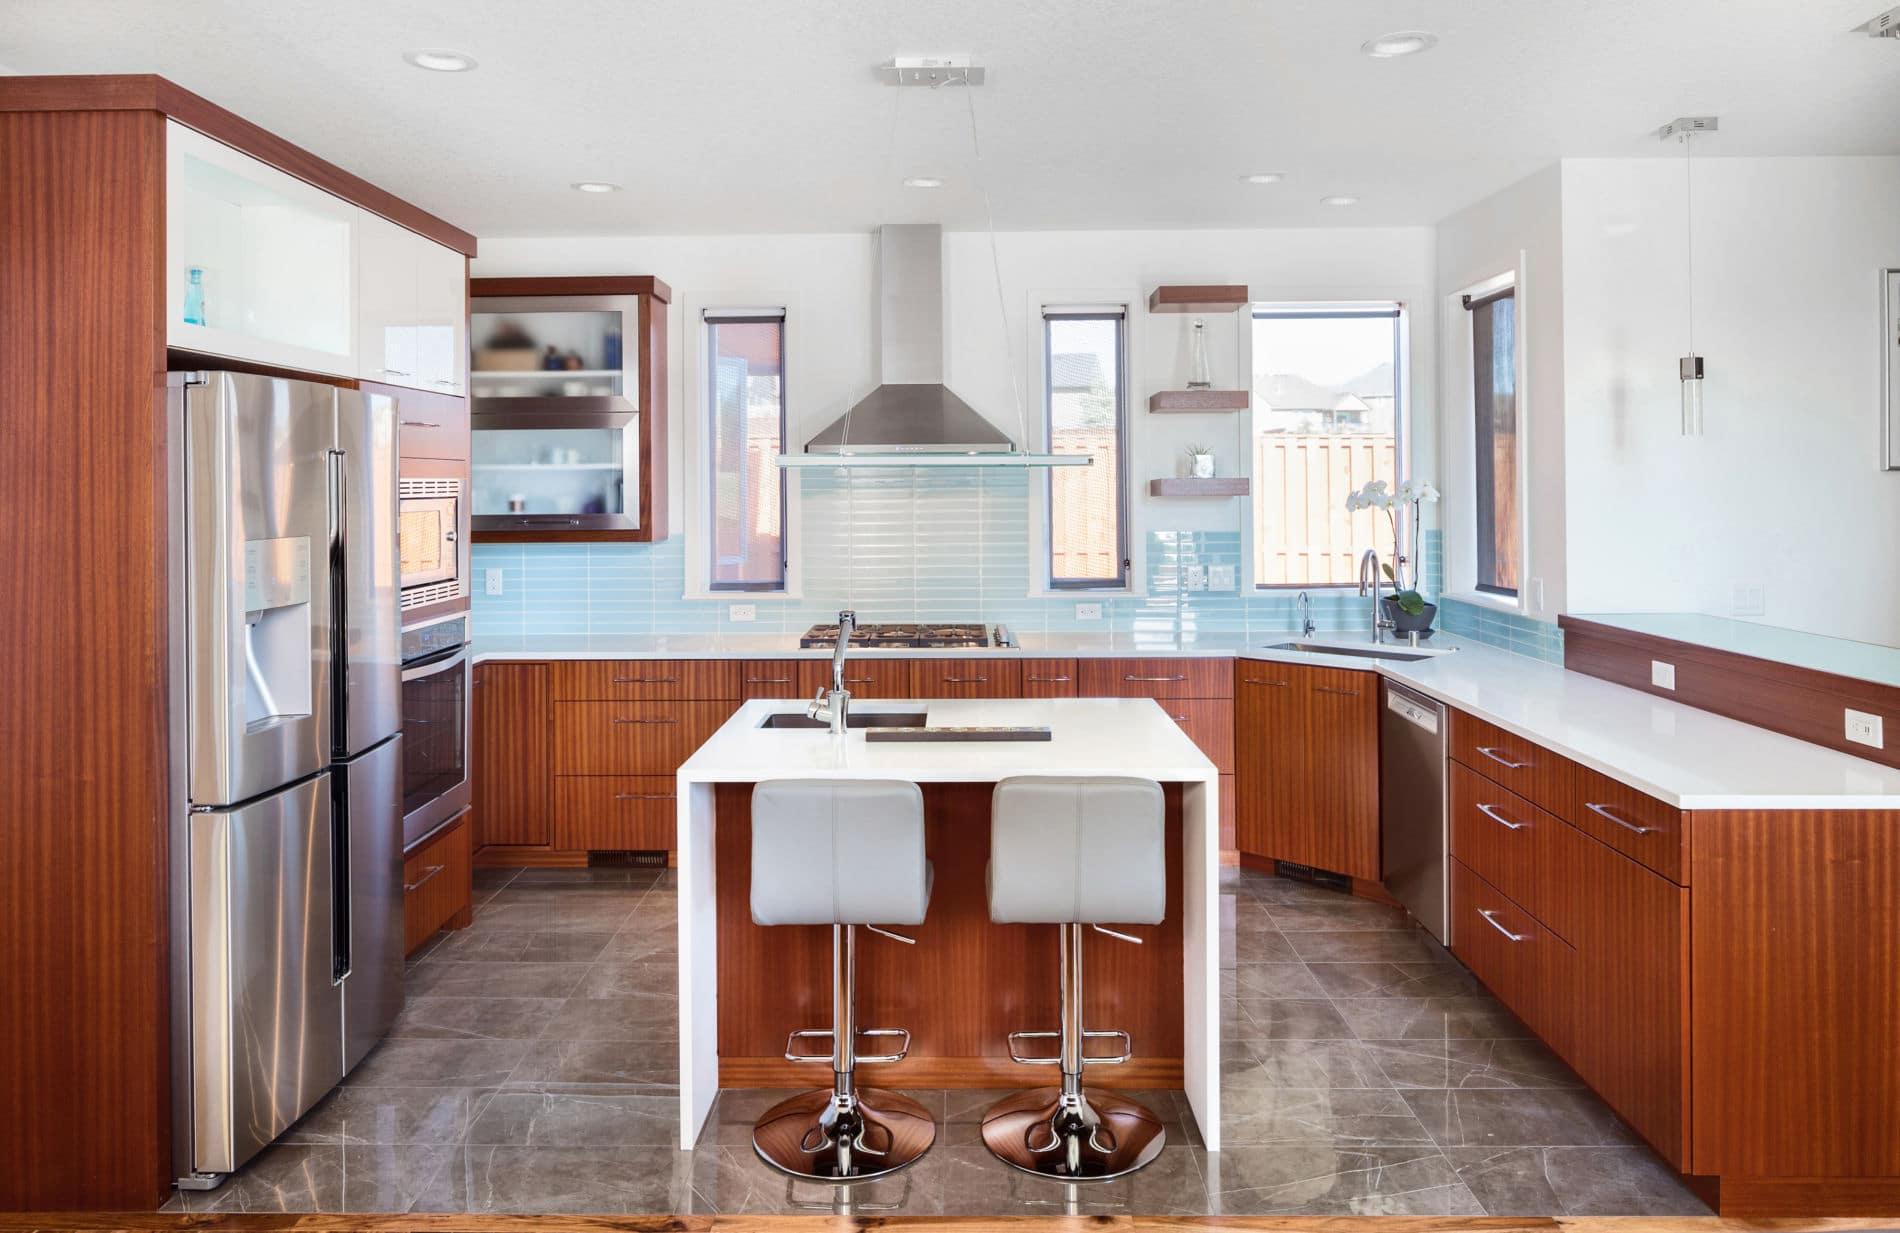 מטבח מודרני דגם קליפורניה - מטבח בעיצוב קלאסי